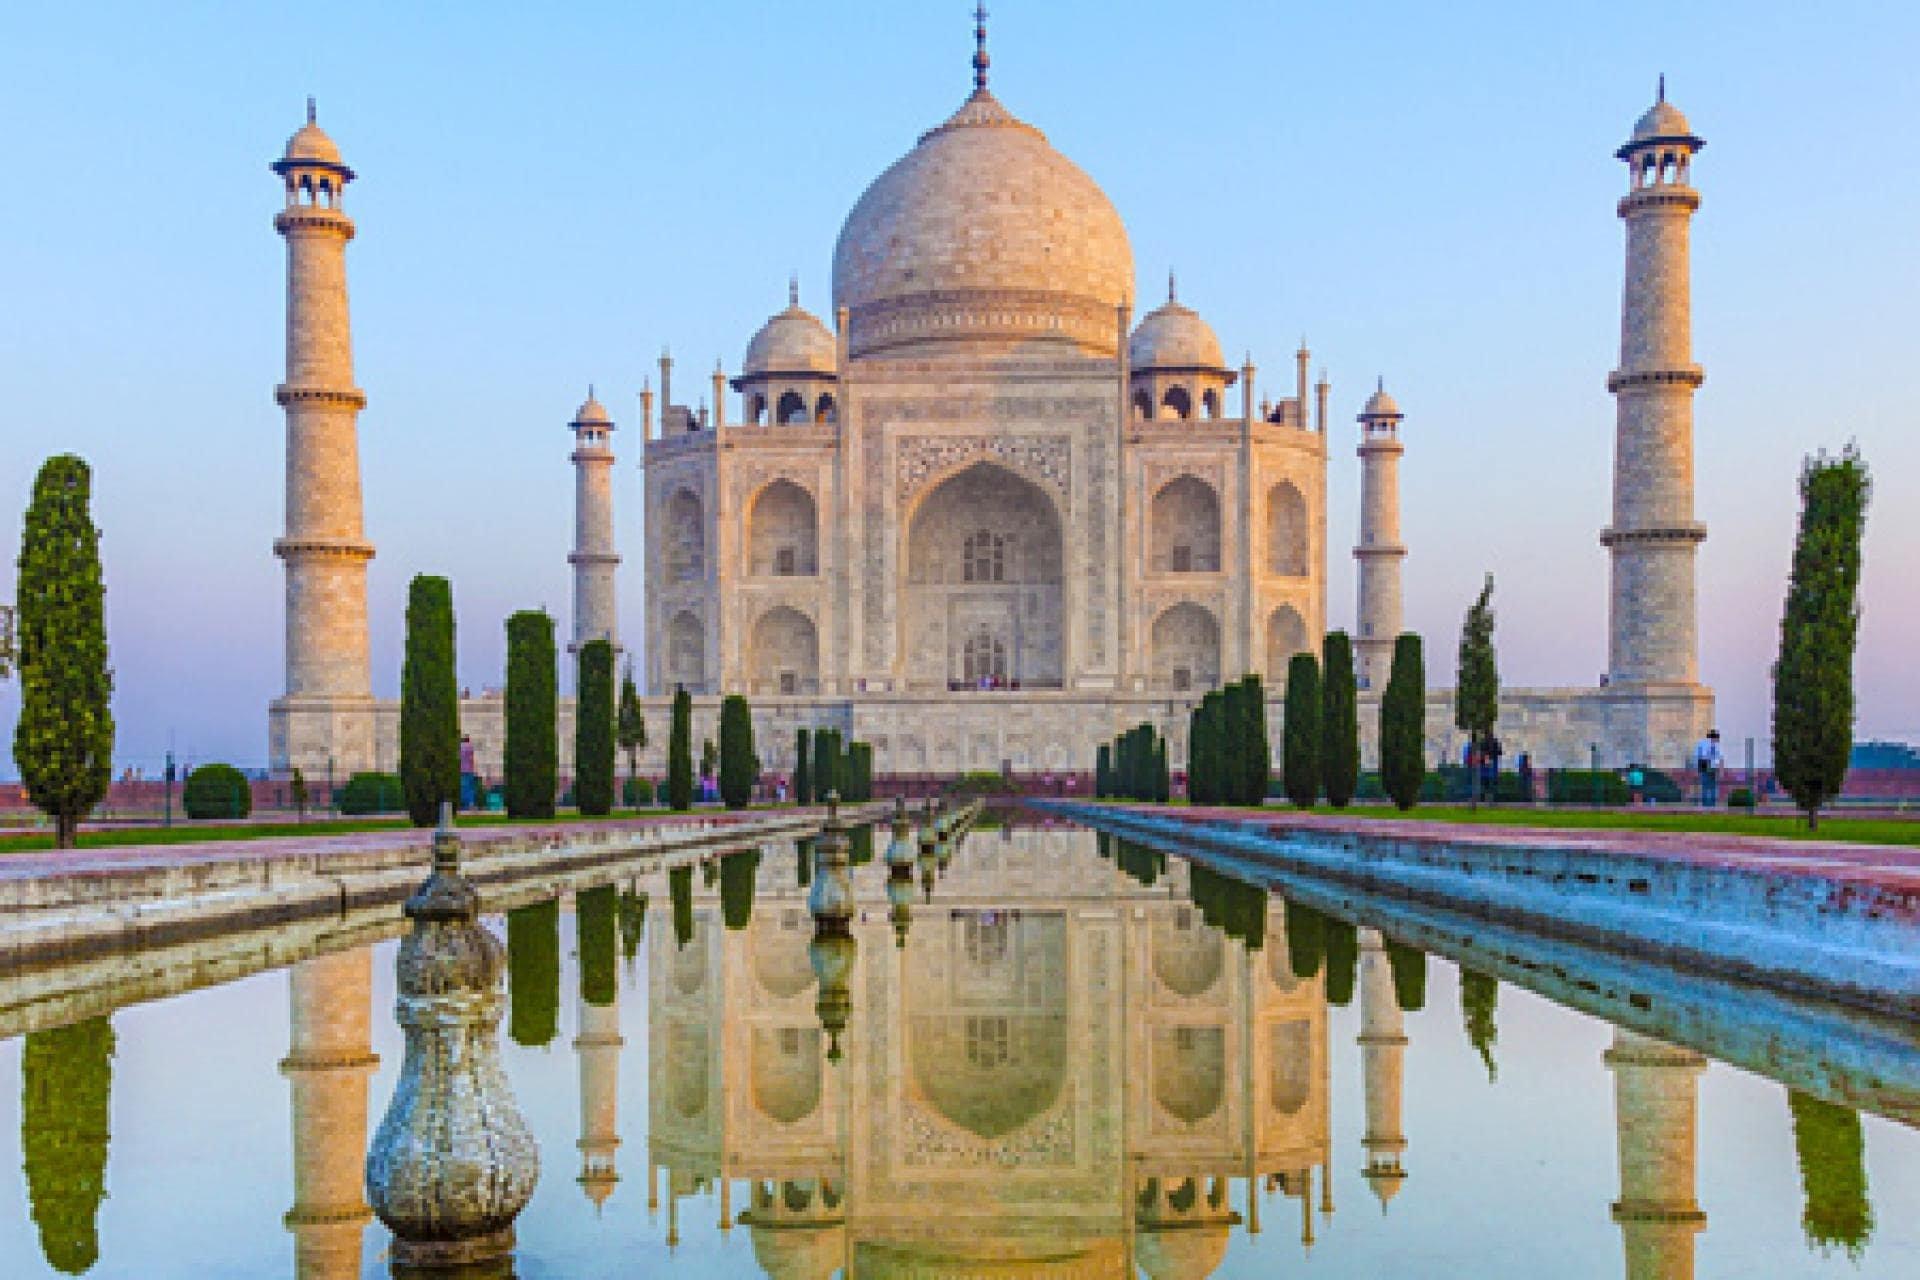 країна Індія, подорож до Індії